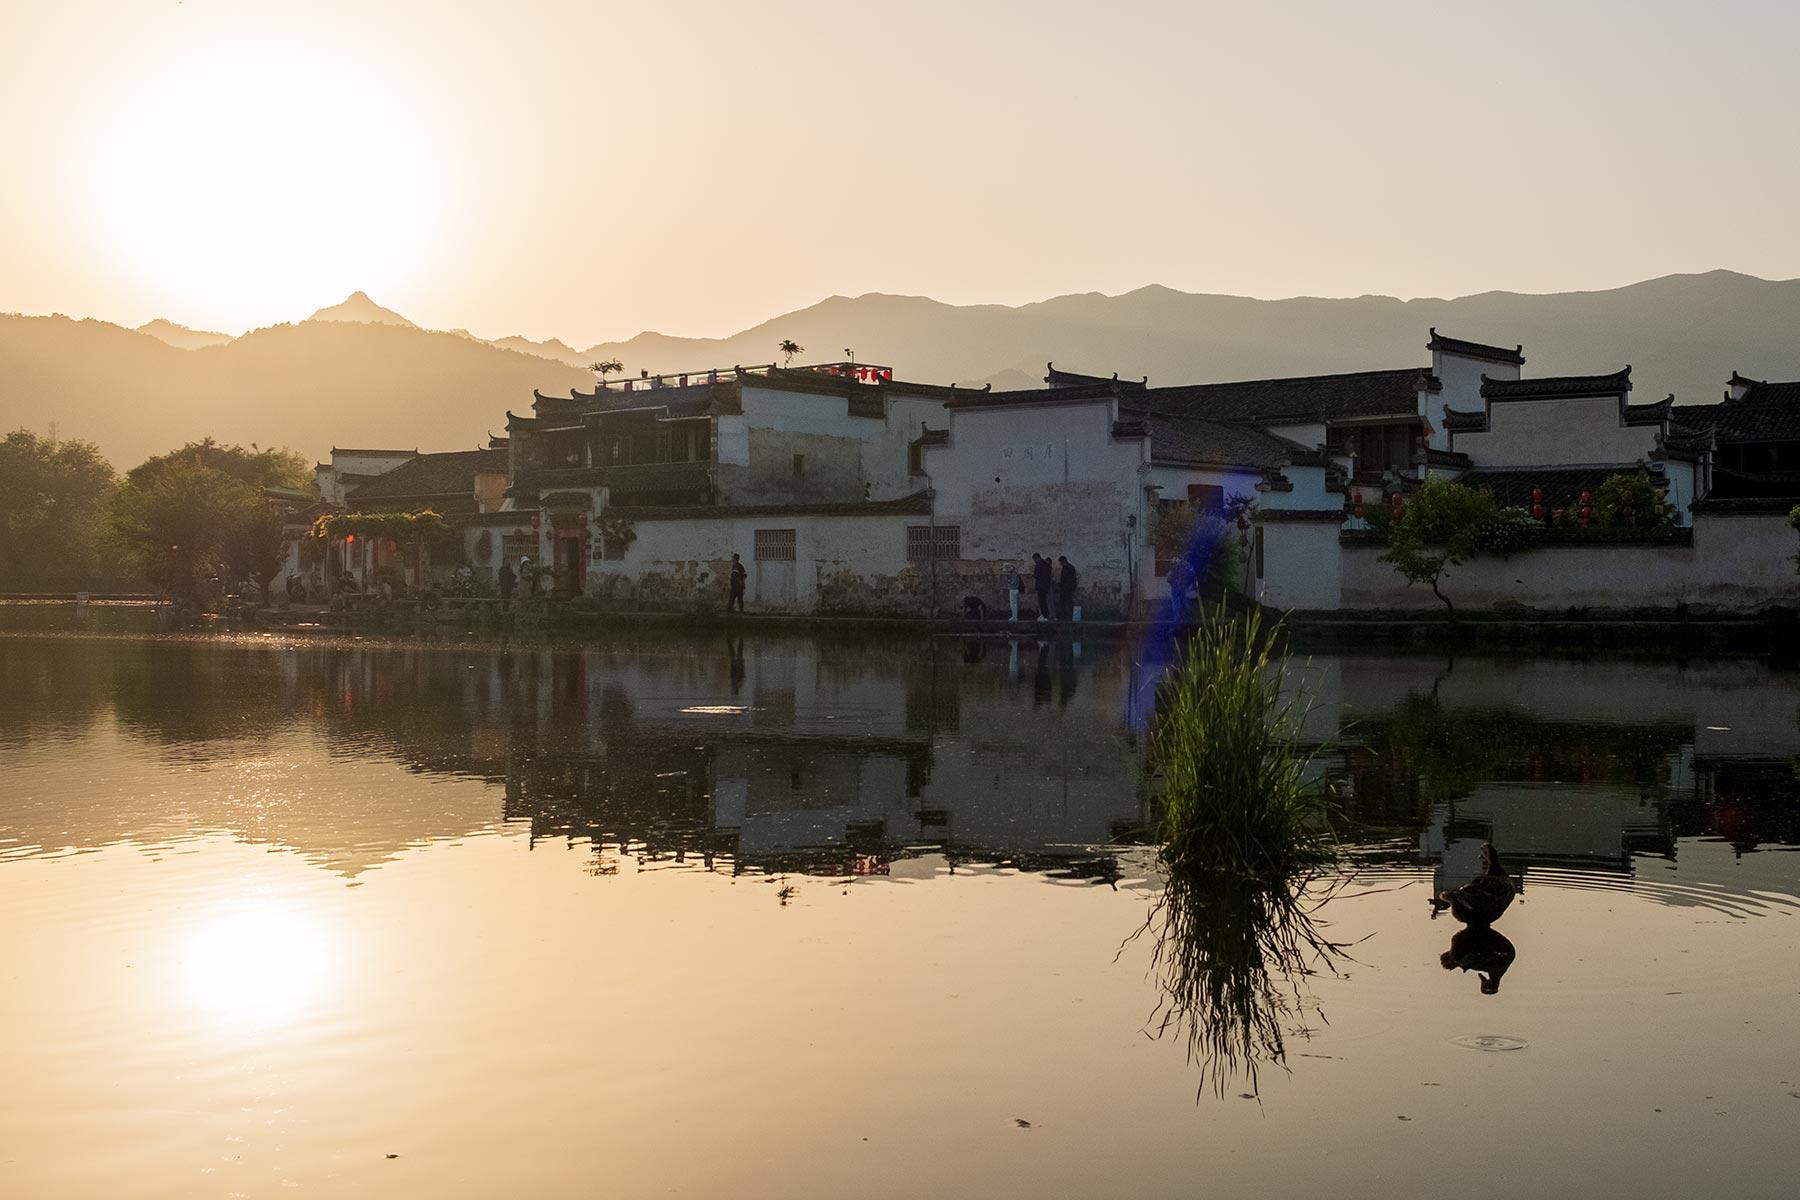 Sonnenuntergang am Südlichen See in der Altstadt Hongcun, Anhui, China